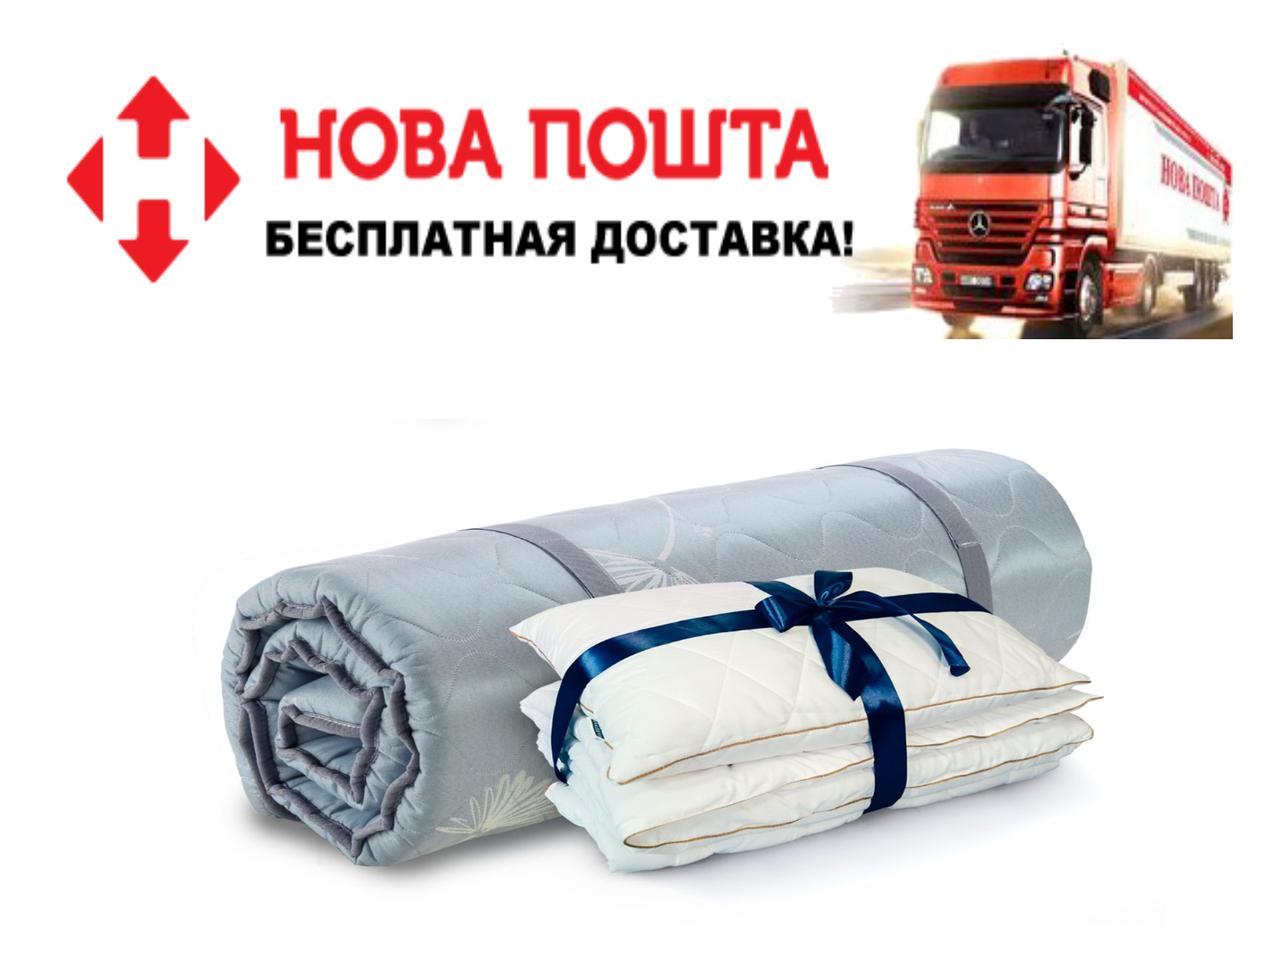 Матрац Дормео Рол Ап Зелений чай 120*190(200)